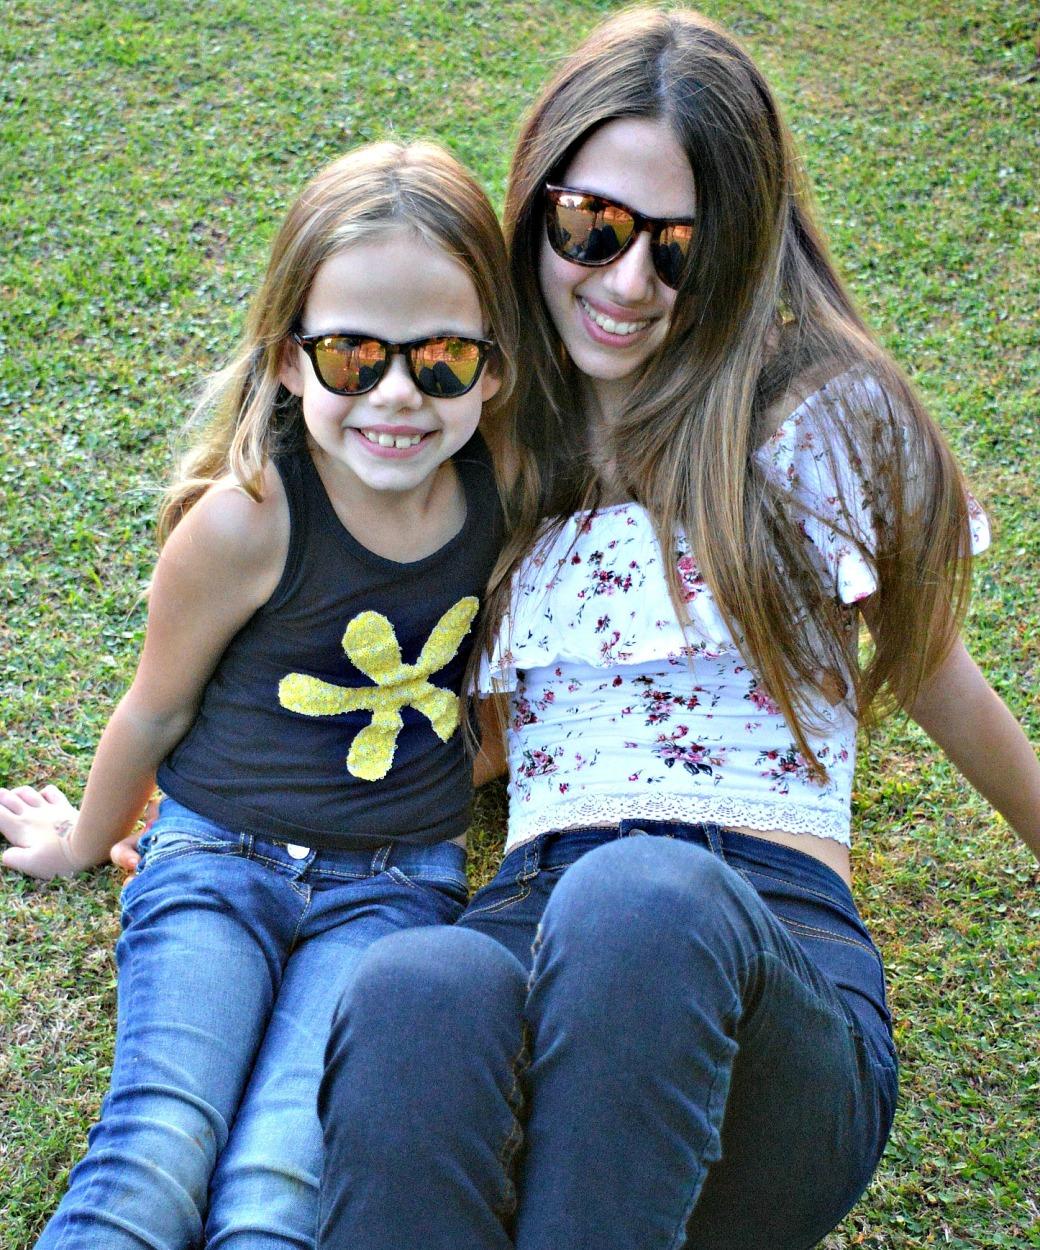 hawkers-tpl-blog-de-moda-infantil-y-juvenil-8